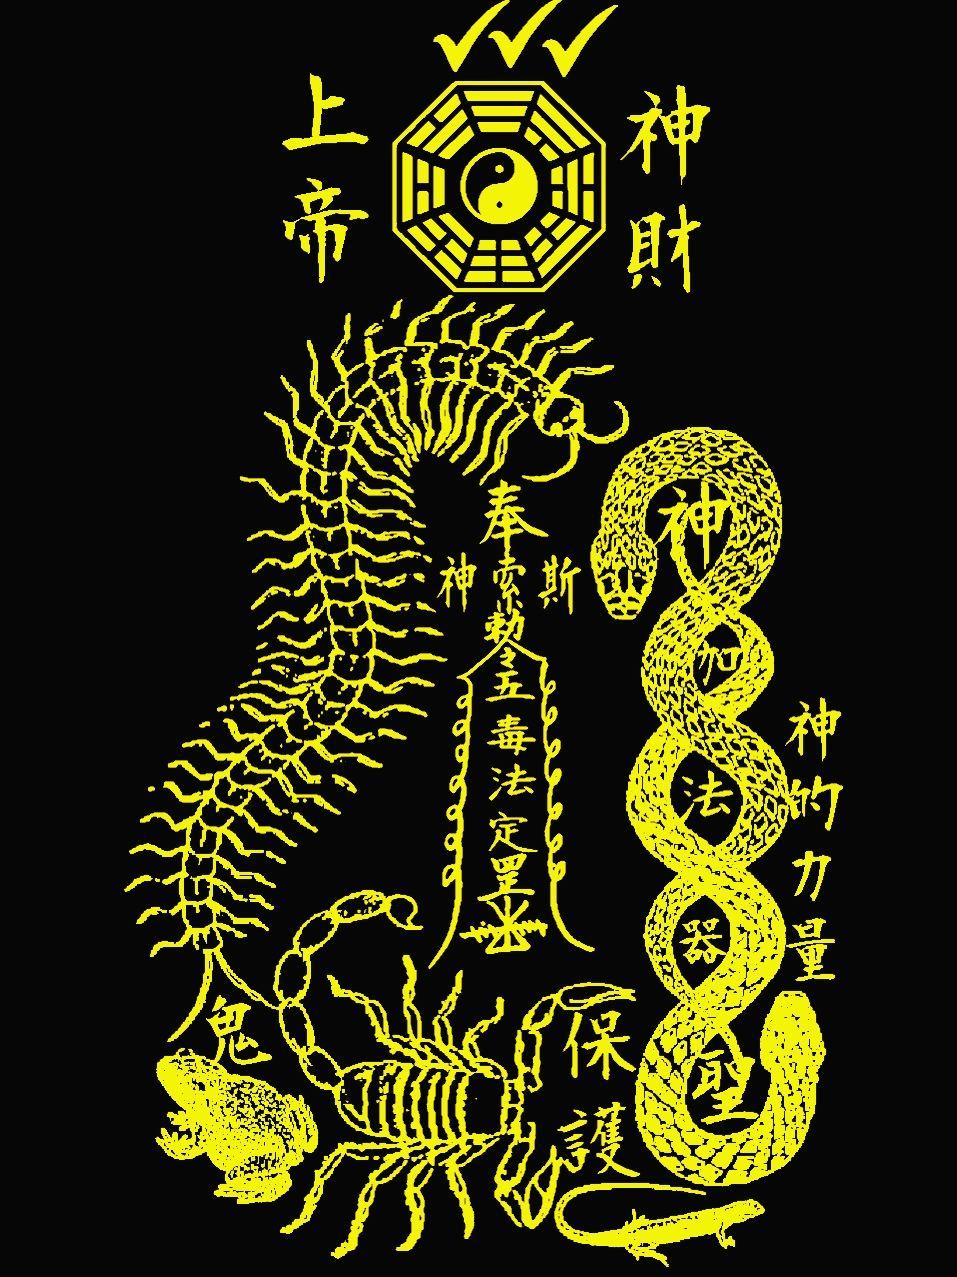 เบญจพ ษ สำน กค ณล น 五毒靈符 呪符 道教 レイライン